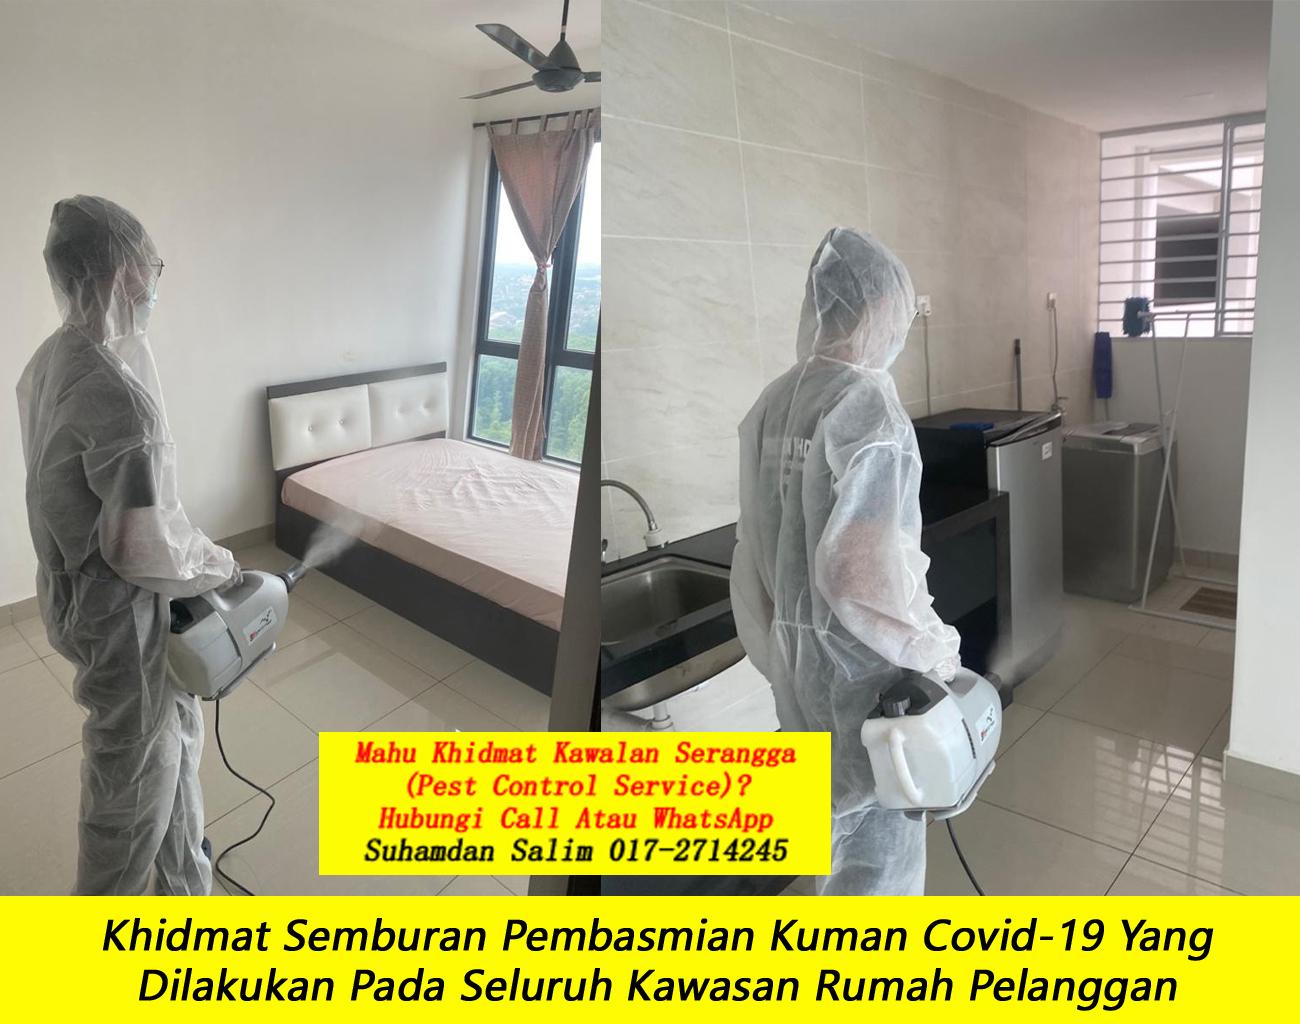 khidmat sanitizing membasmi kuman Covid-19 Disinfection Service semburan membasmi kuman covid 19 paling berkesan dengan harga berpatutan the best service covid-19 bukit indah jb